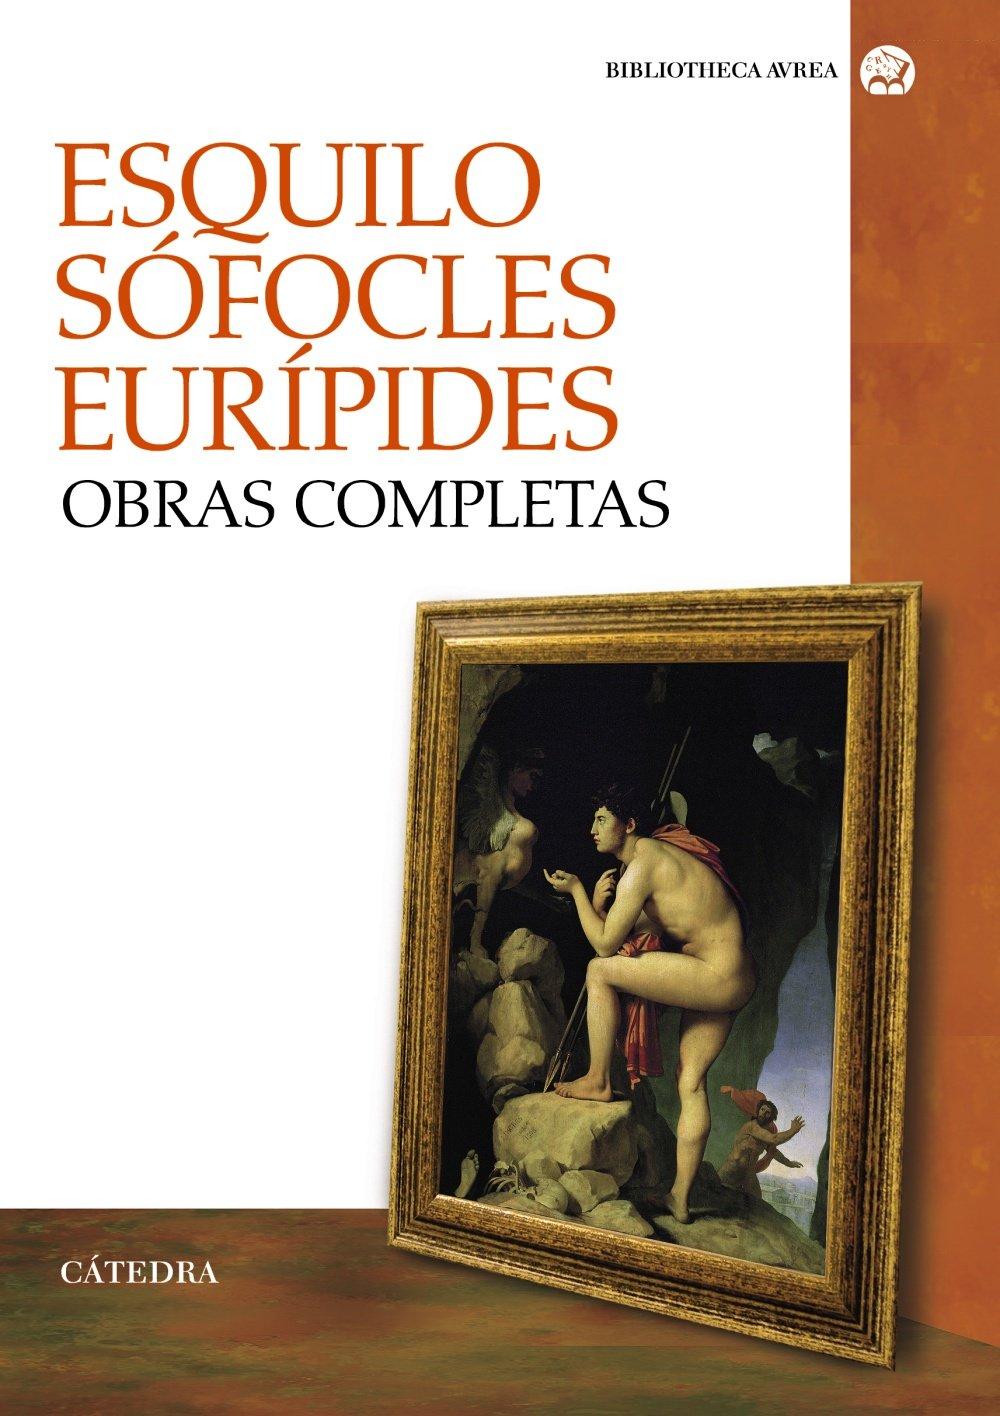 Obras completas (Bibliotheca Avrea) Tapa blanda – 25 sep 2012 Esquilo Sófocles Eurípides Ediciones Cátedra